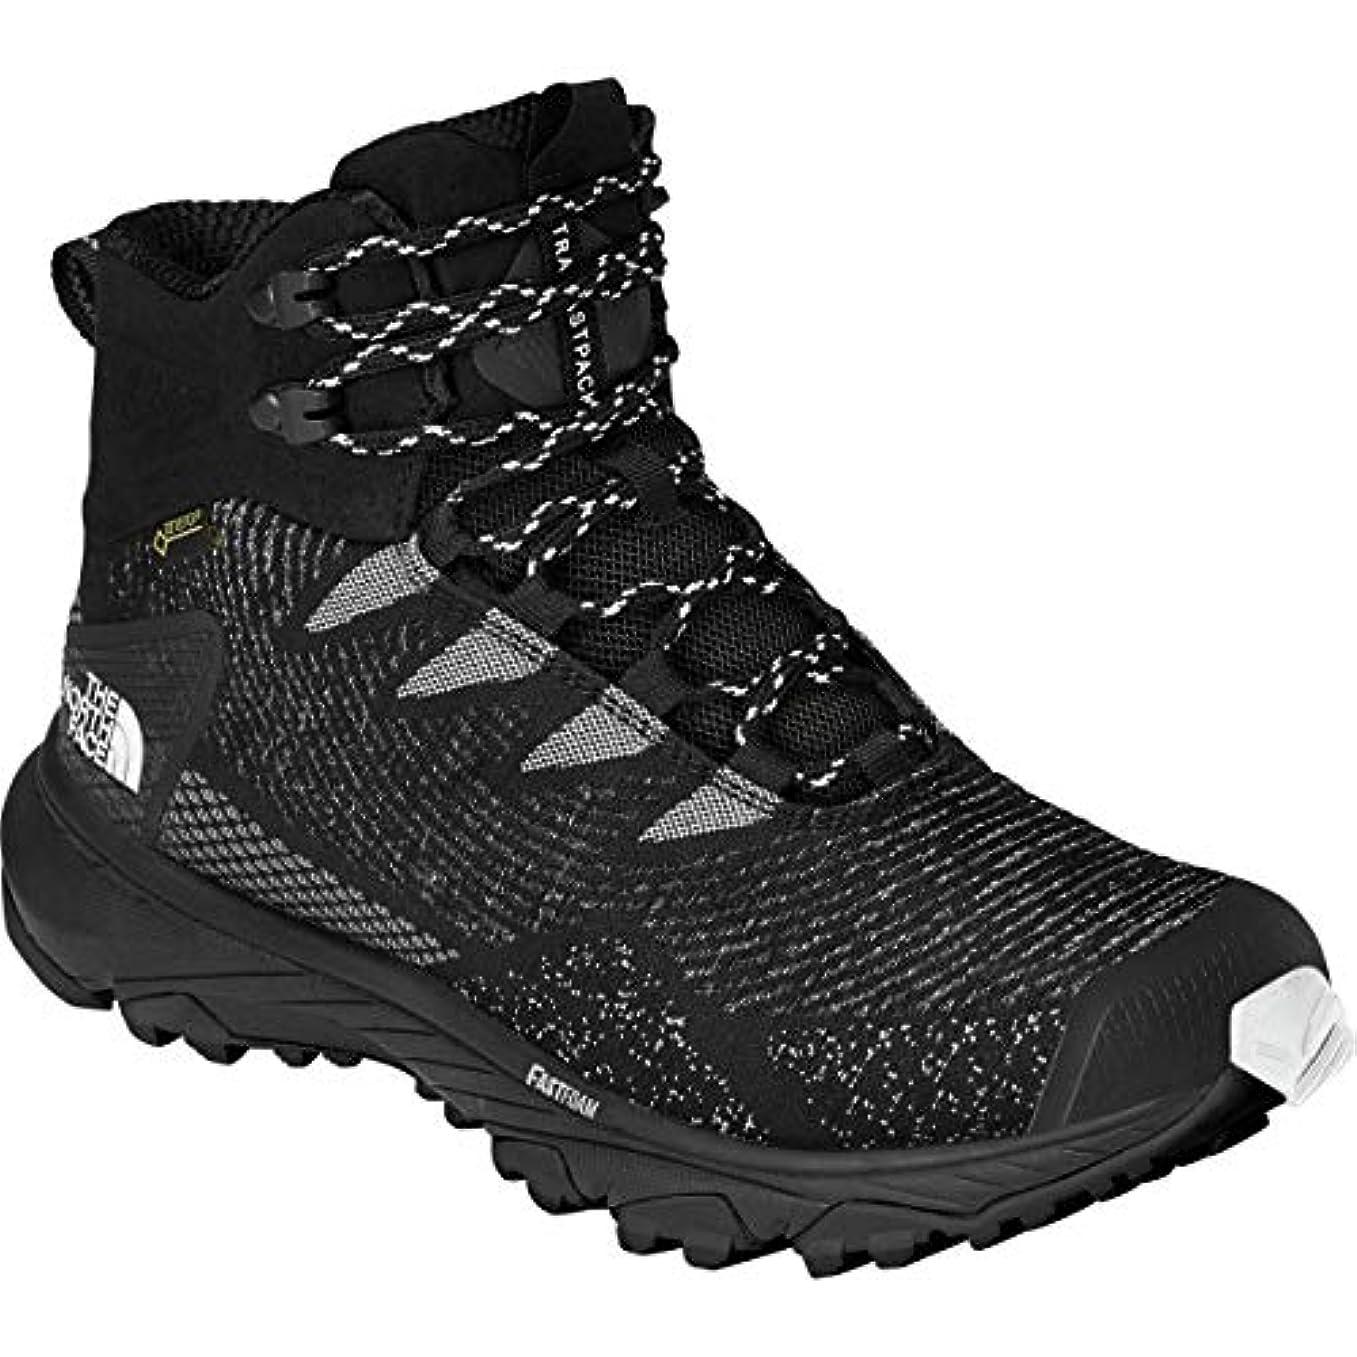 サンダースに頼る十代の若者たち[ノースフェイス] メンズ ハイキング Ultra Fastpack III Mid GTX Woven Hiking [並行輸入品]